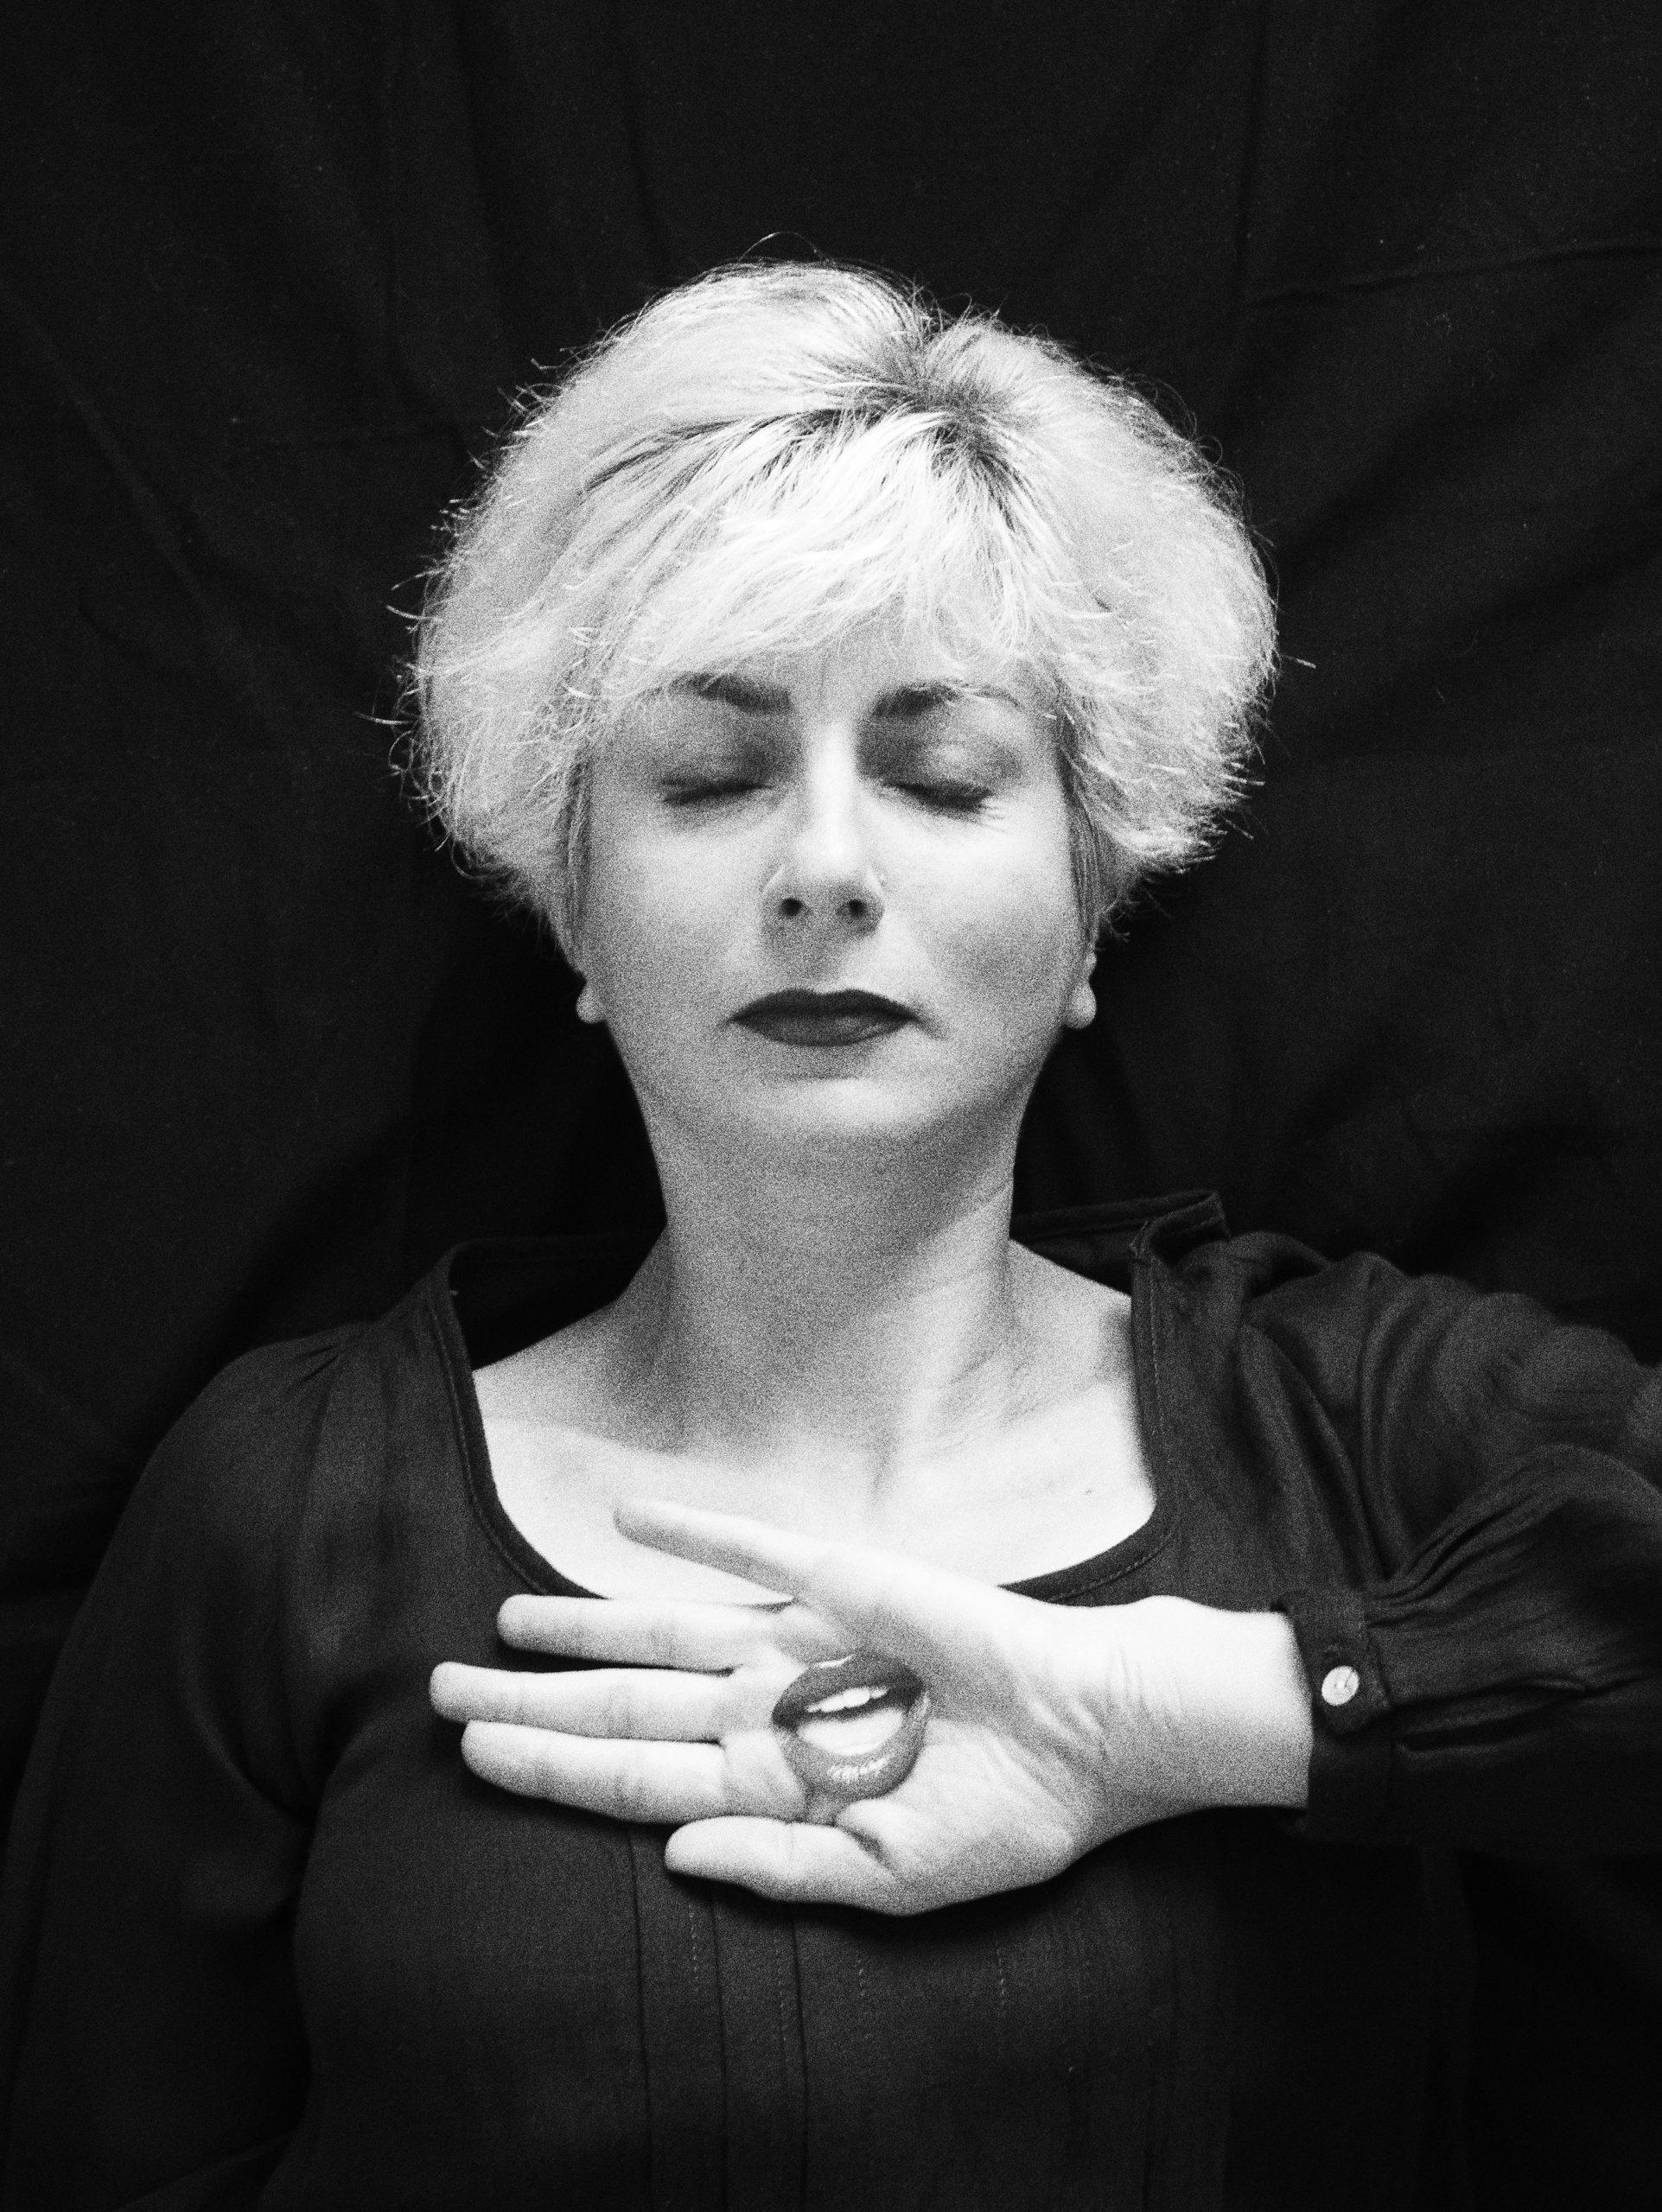 Photo - Portrait - Noir et blanc - Nelly Sanchez